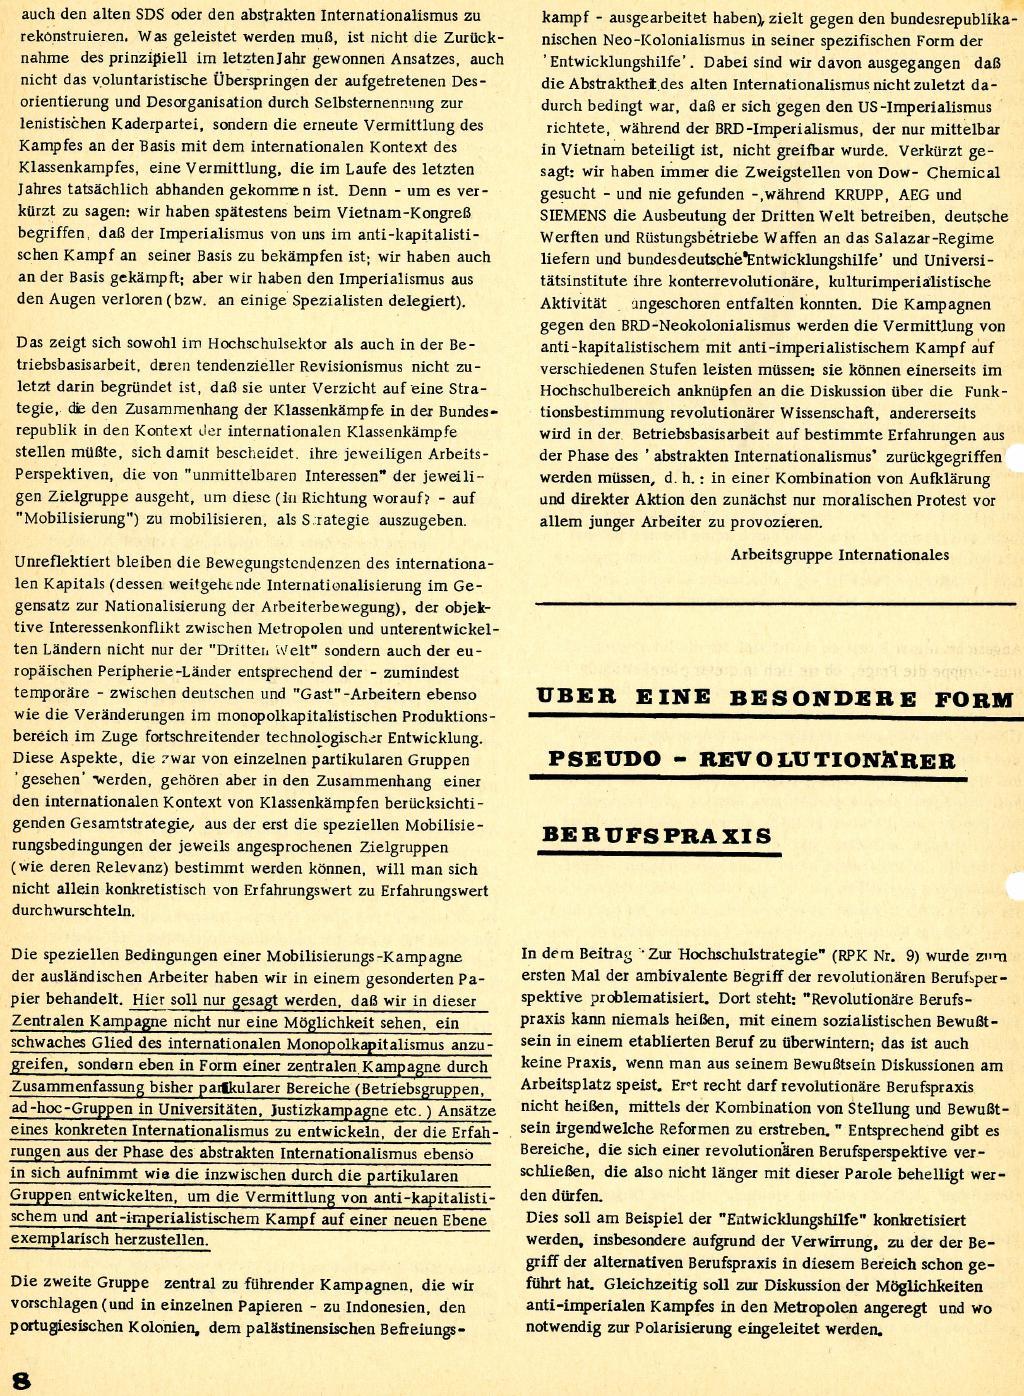 RPK_1969_011_08